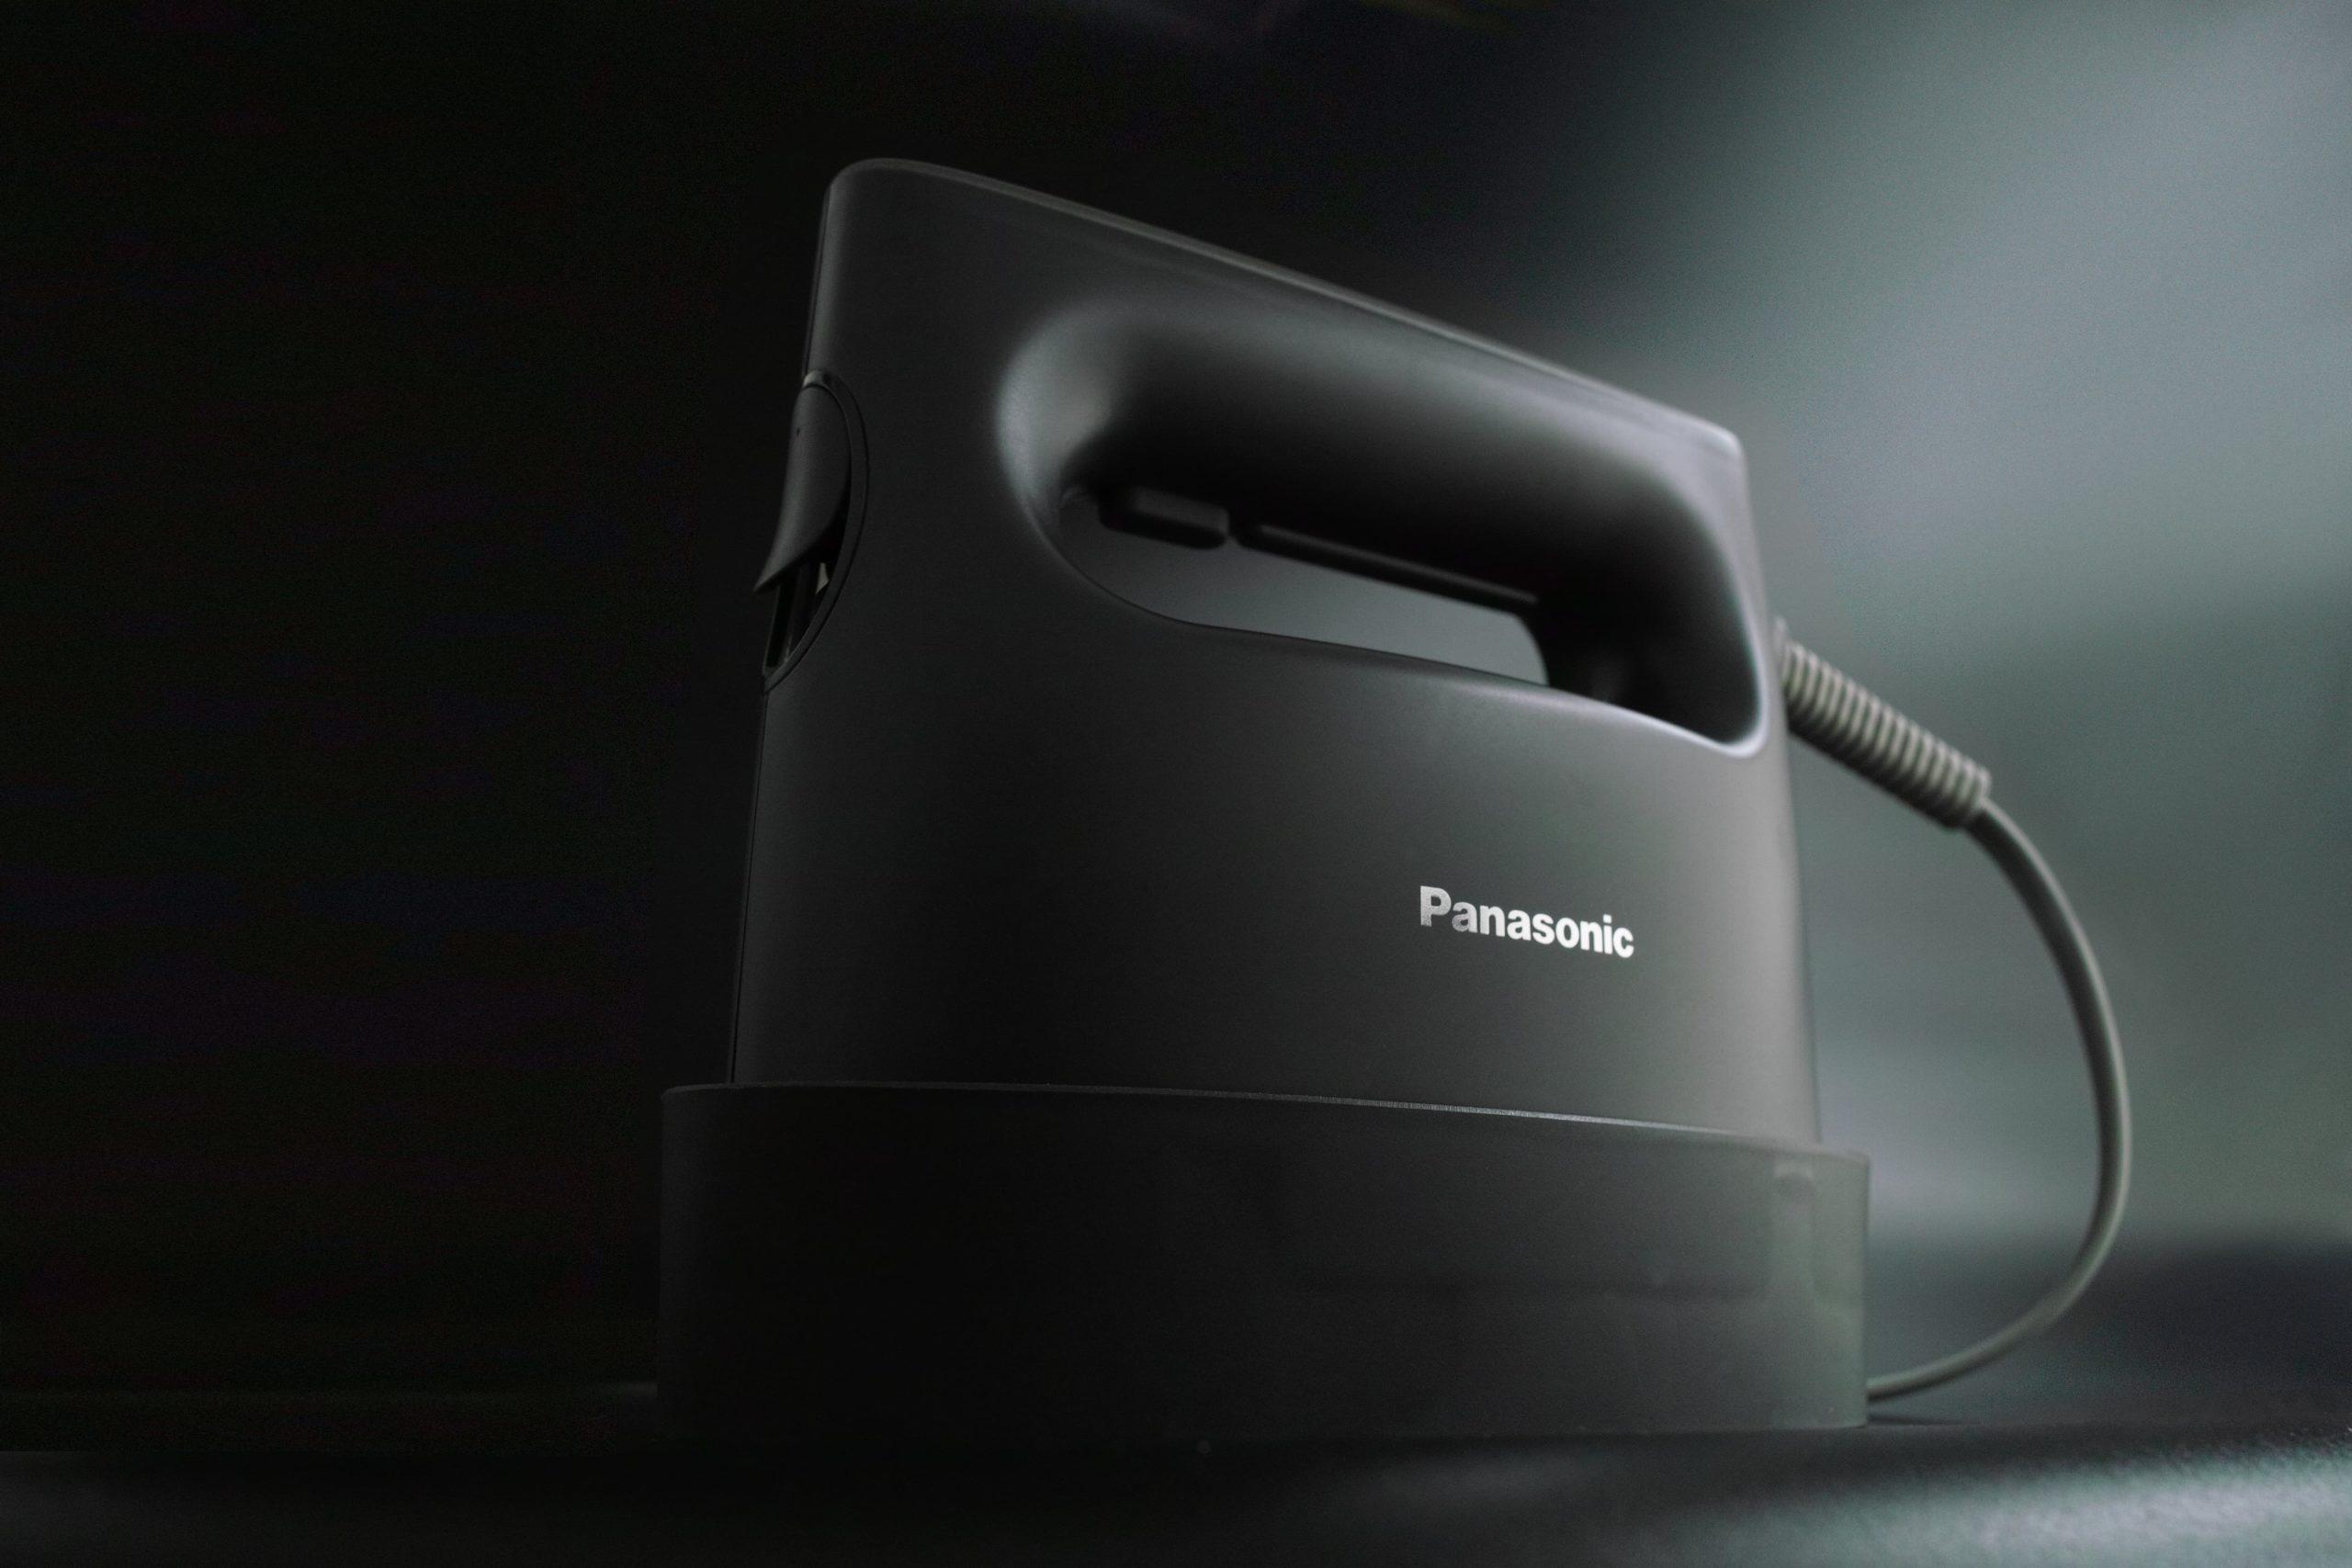 パナソニック 衣類スチーマーNI-FS770の特徴